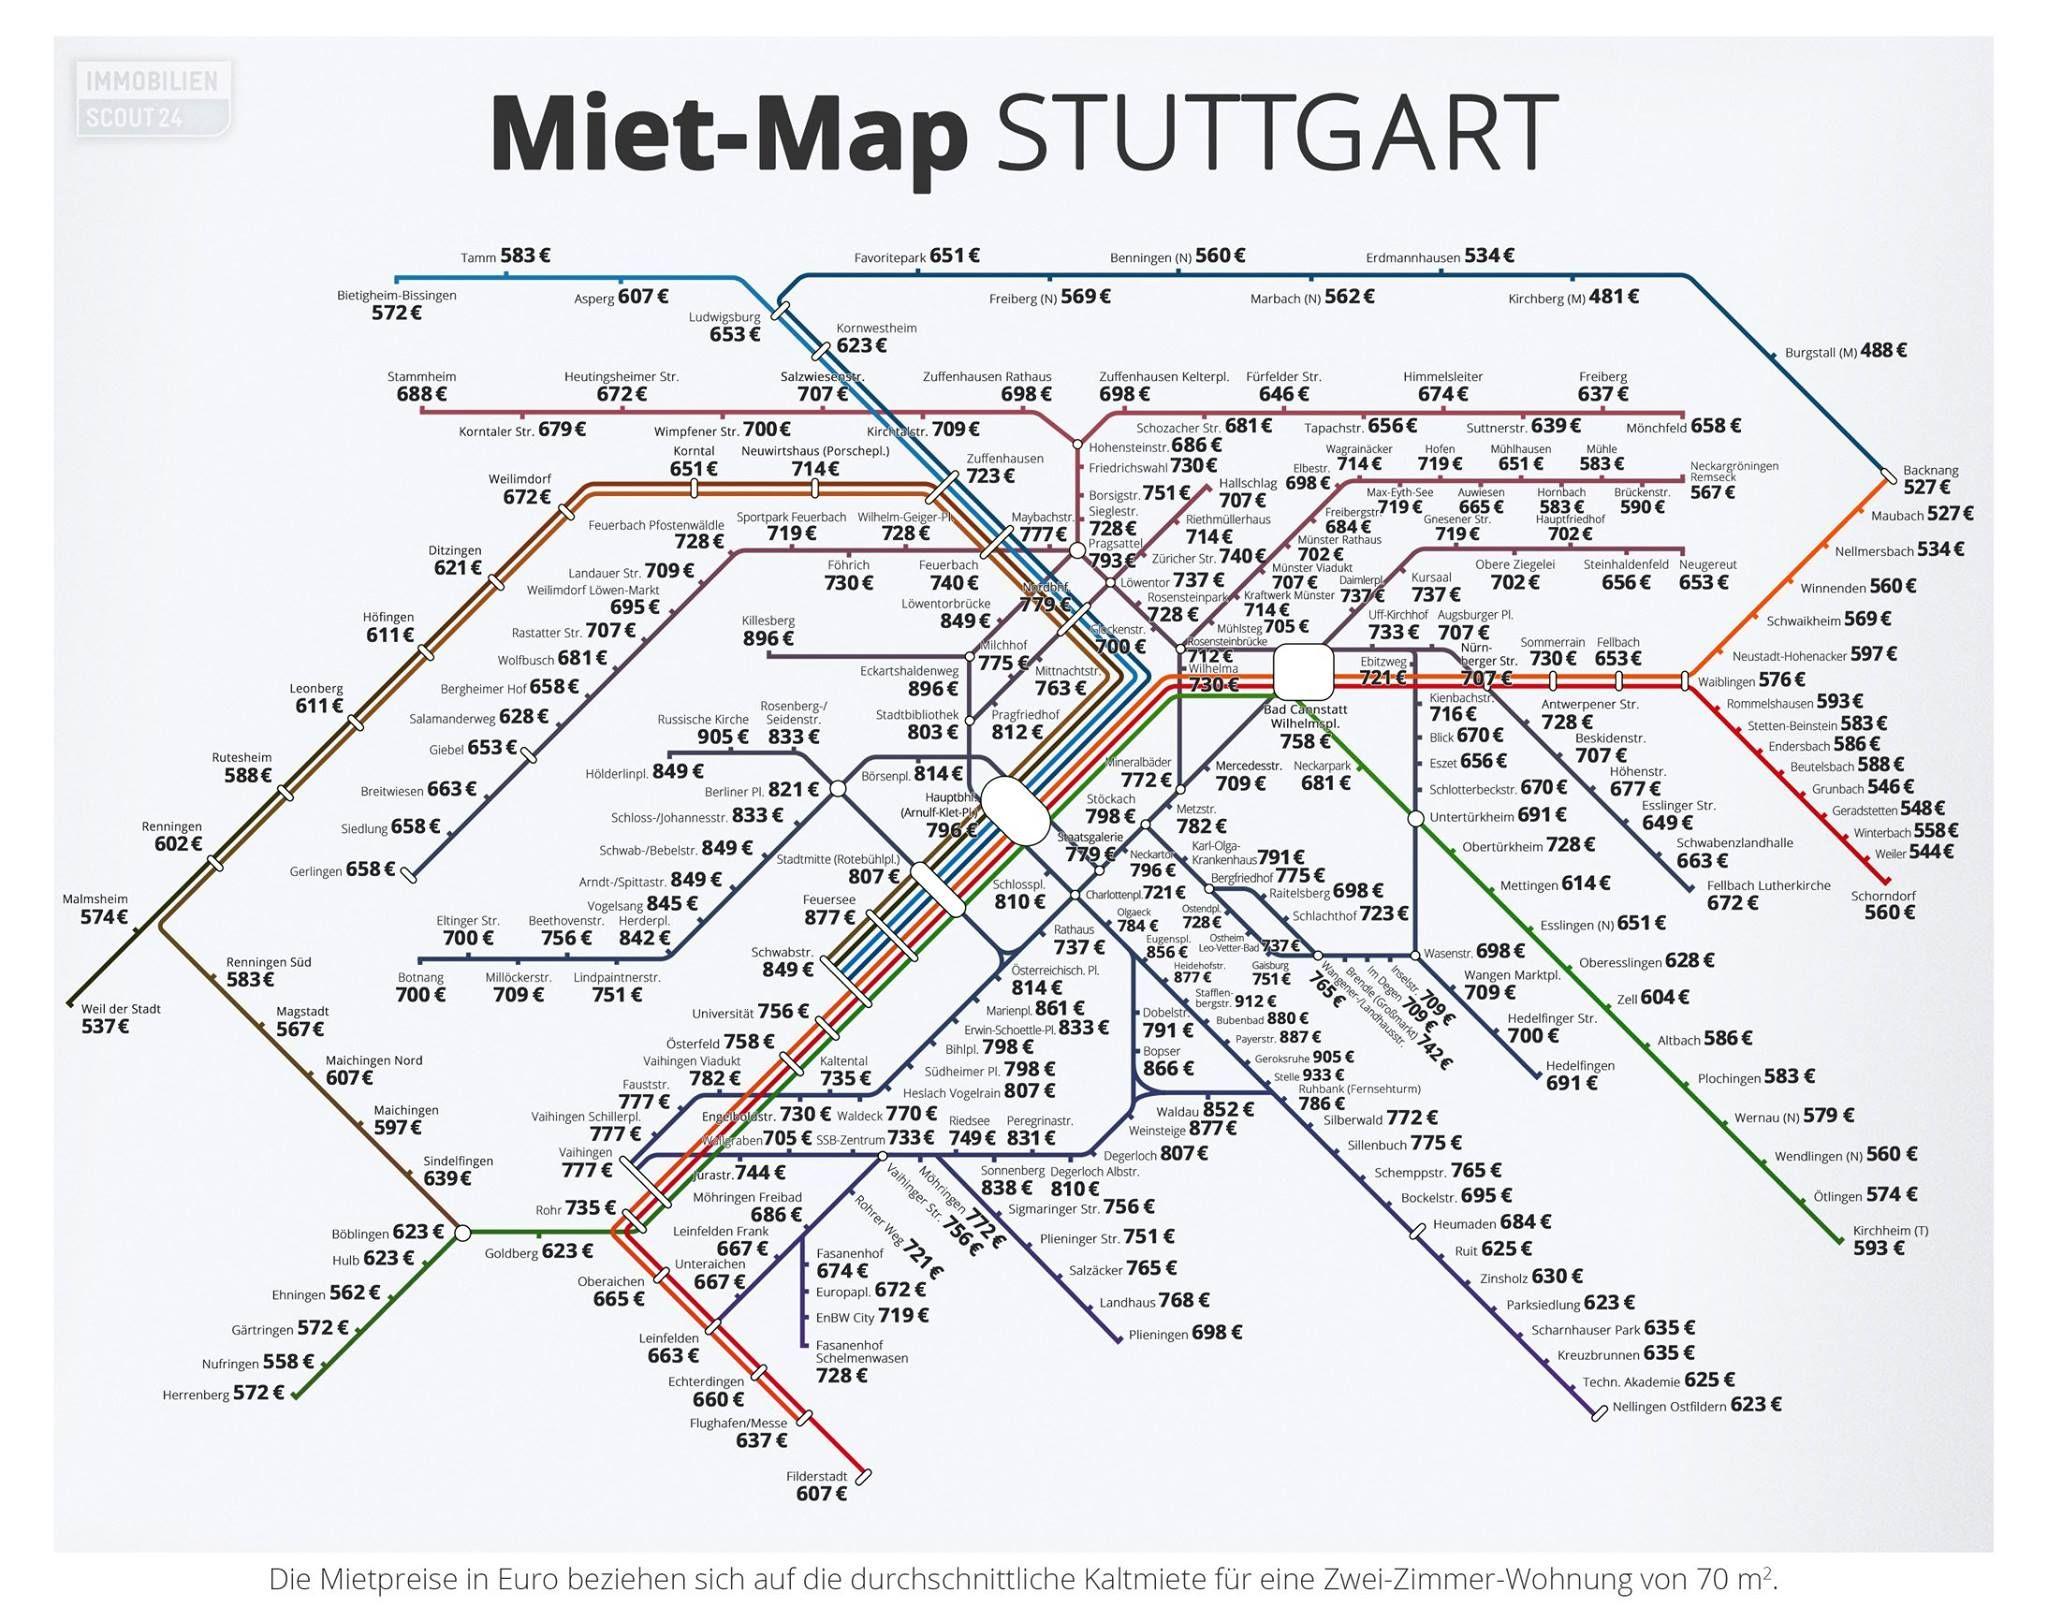 Hallo Stuttgart hier ist eure MietMap Entlang der U und SBahn